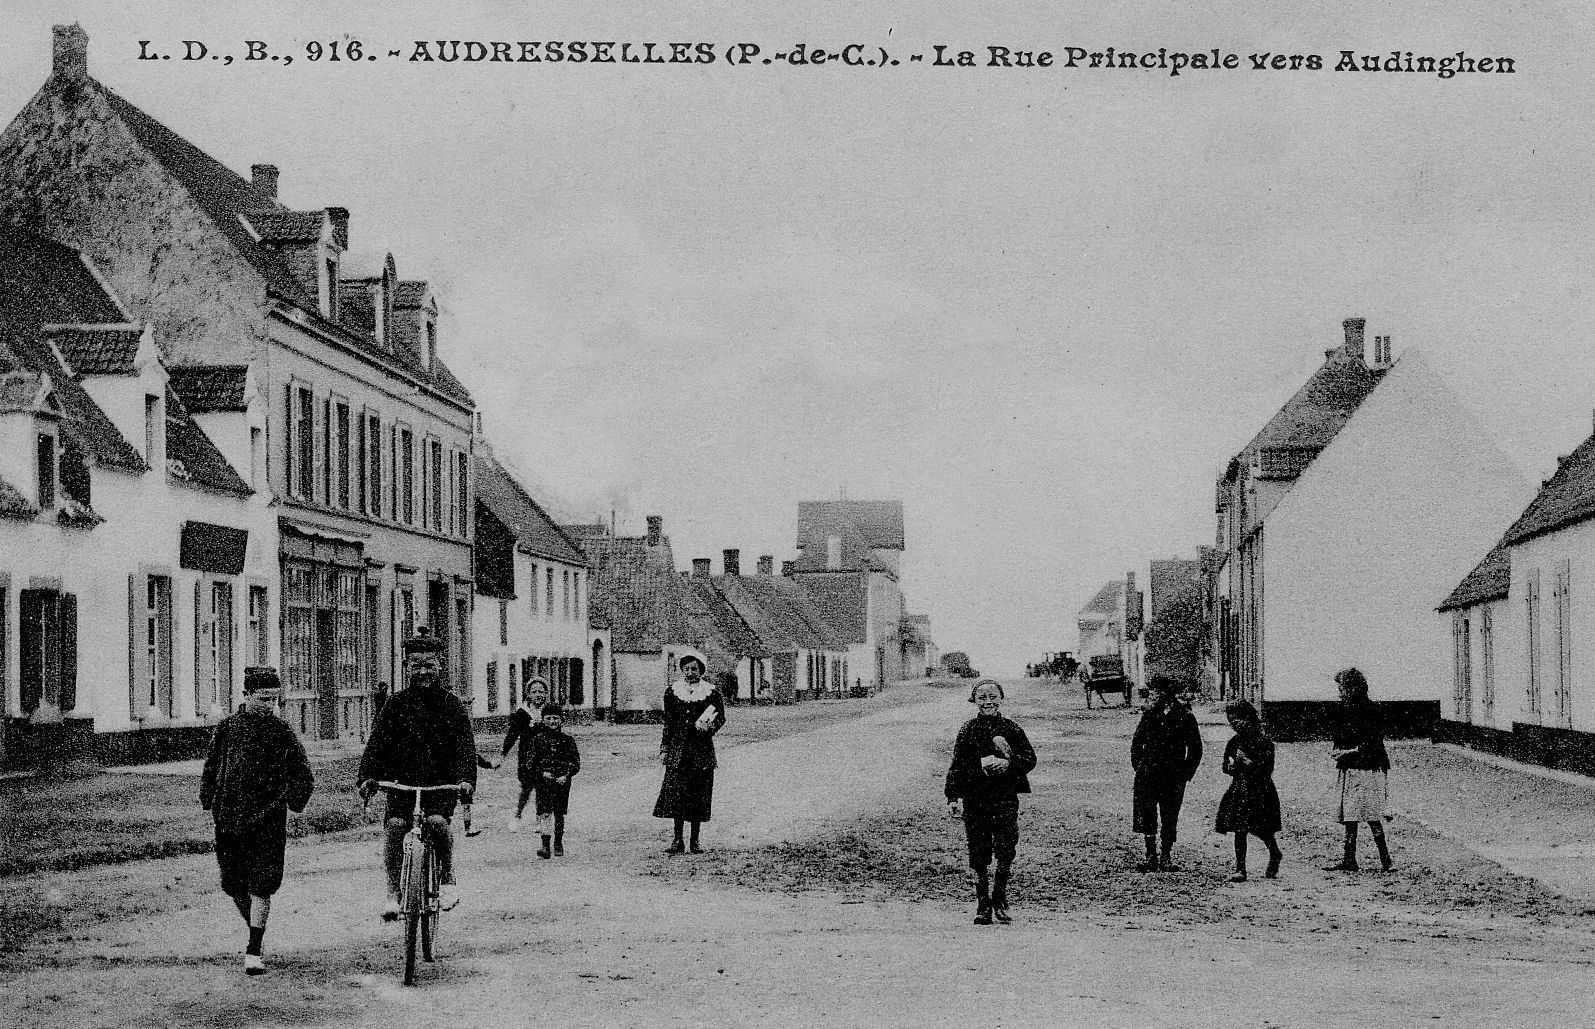 Audresselles - la rue principale vers Audinghen